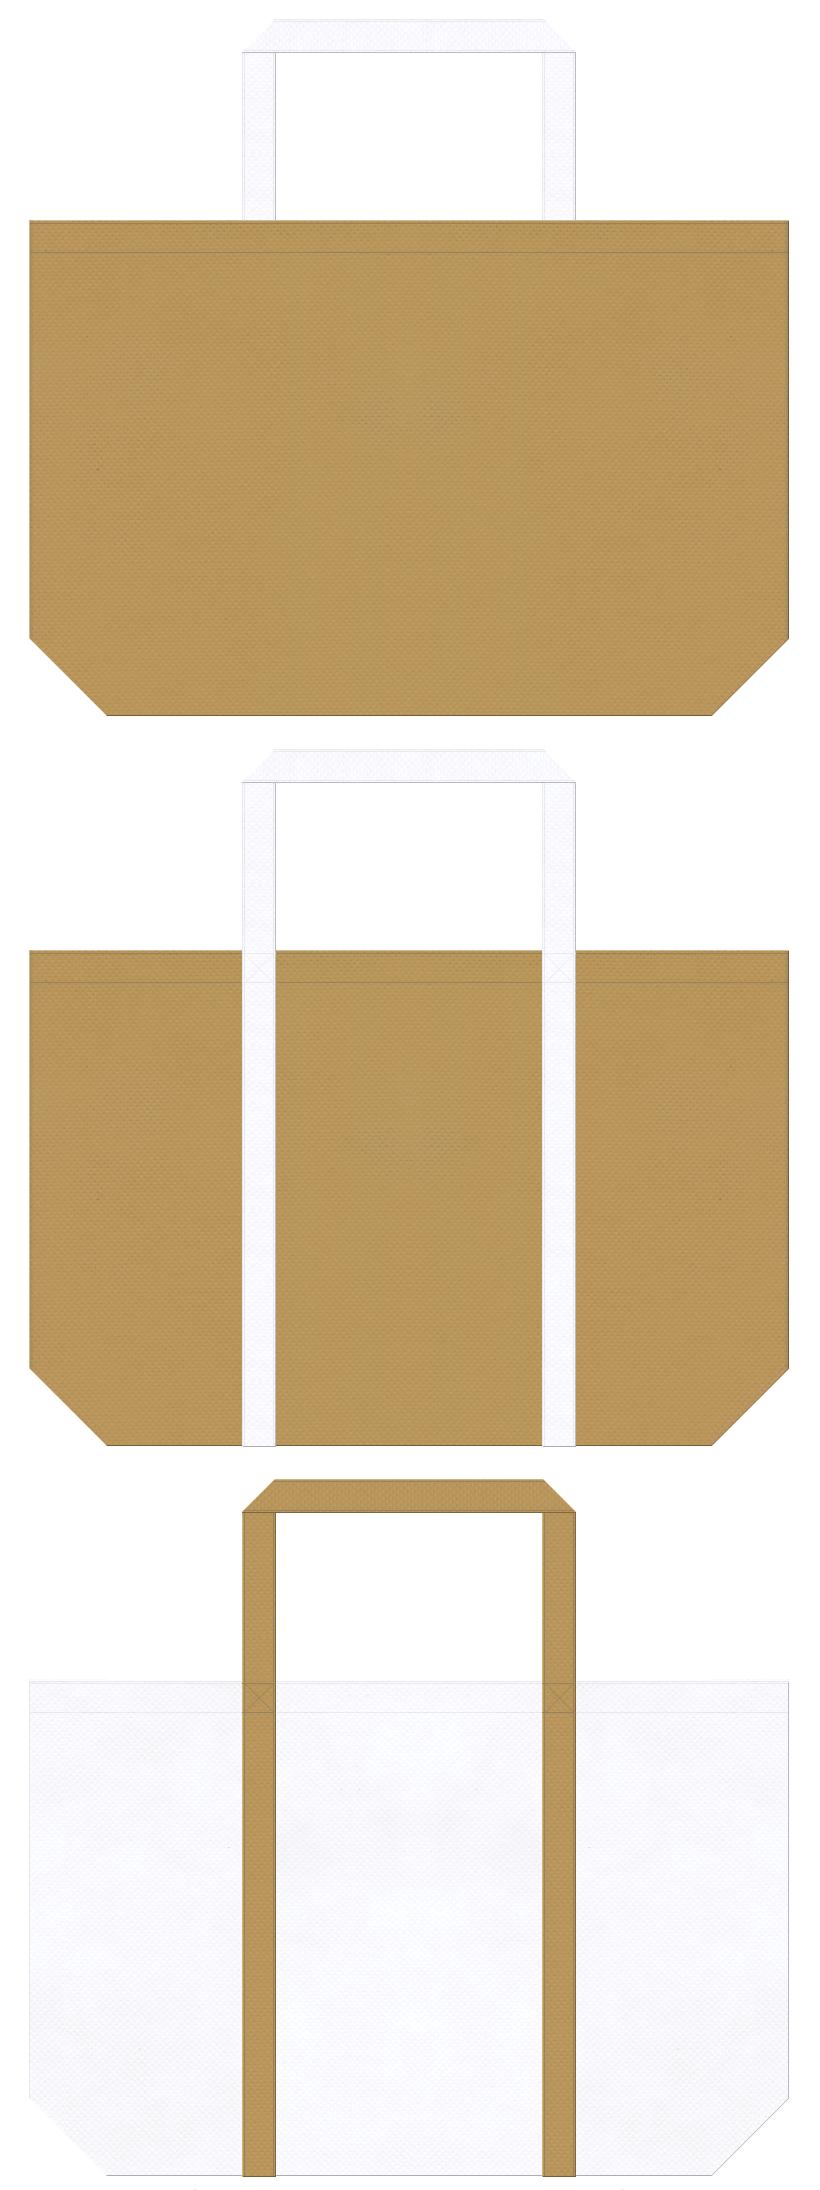 金色系黄土色と白色の不織布ショッピングバッグデザイン。